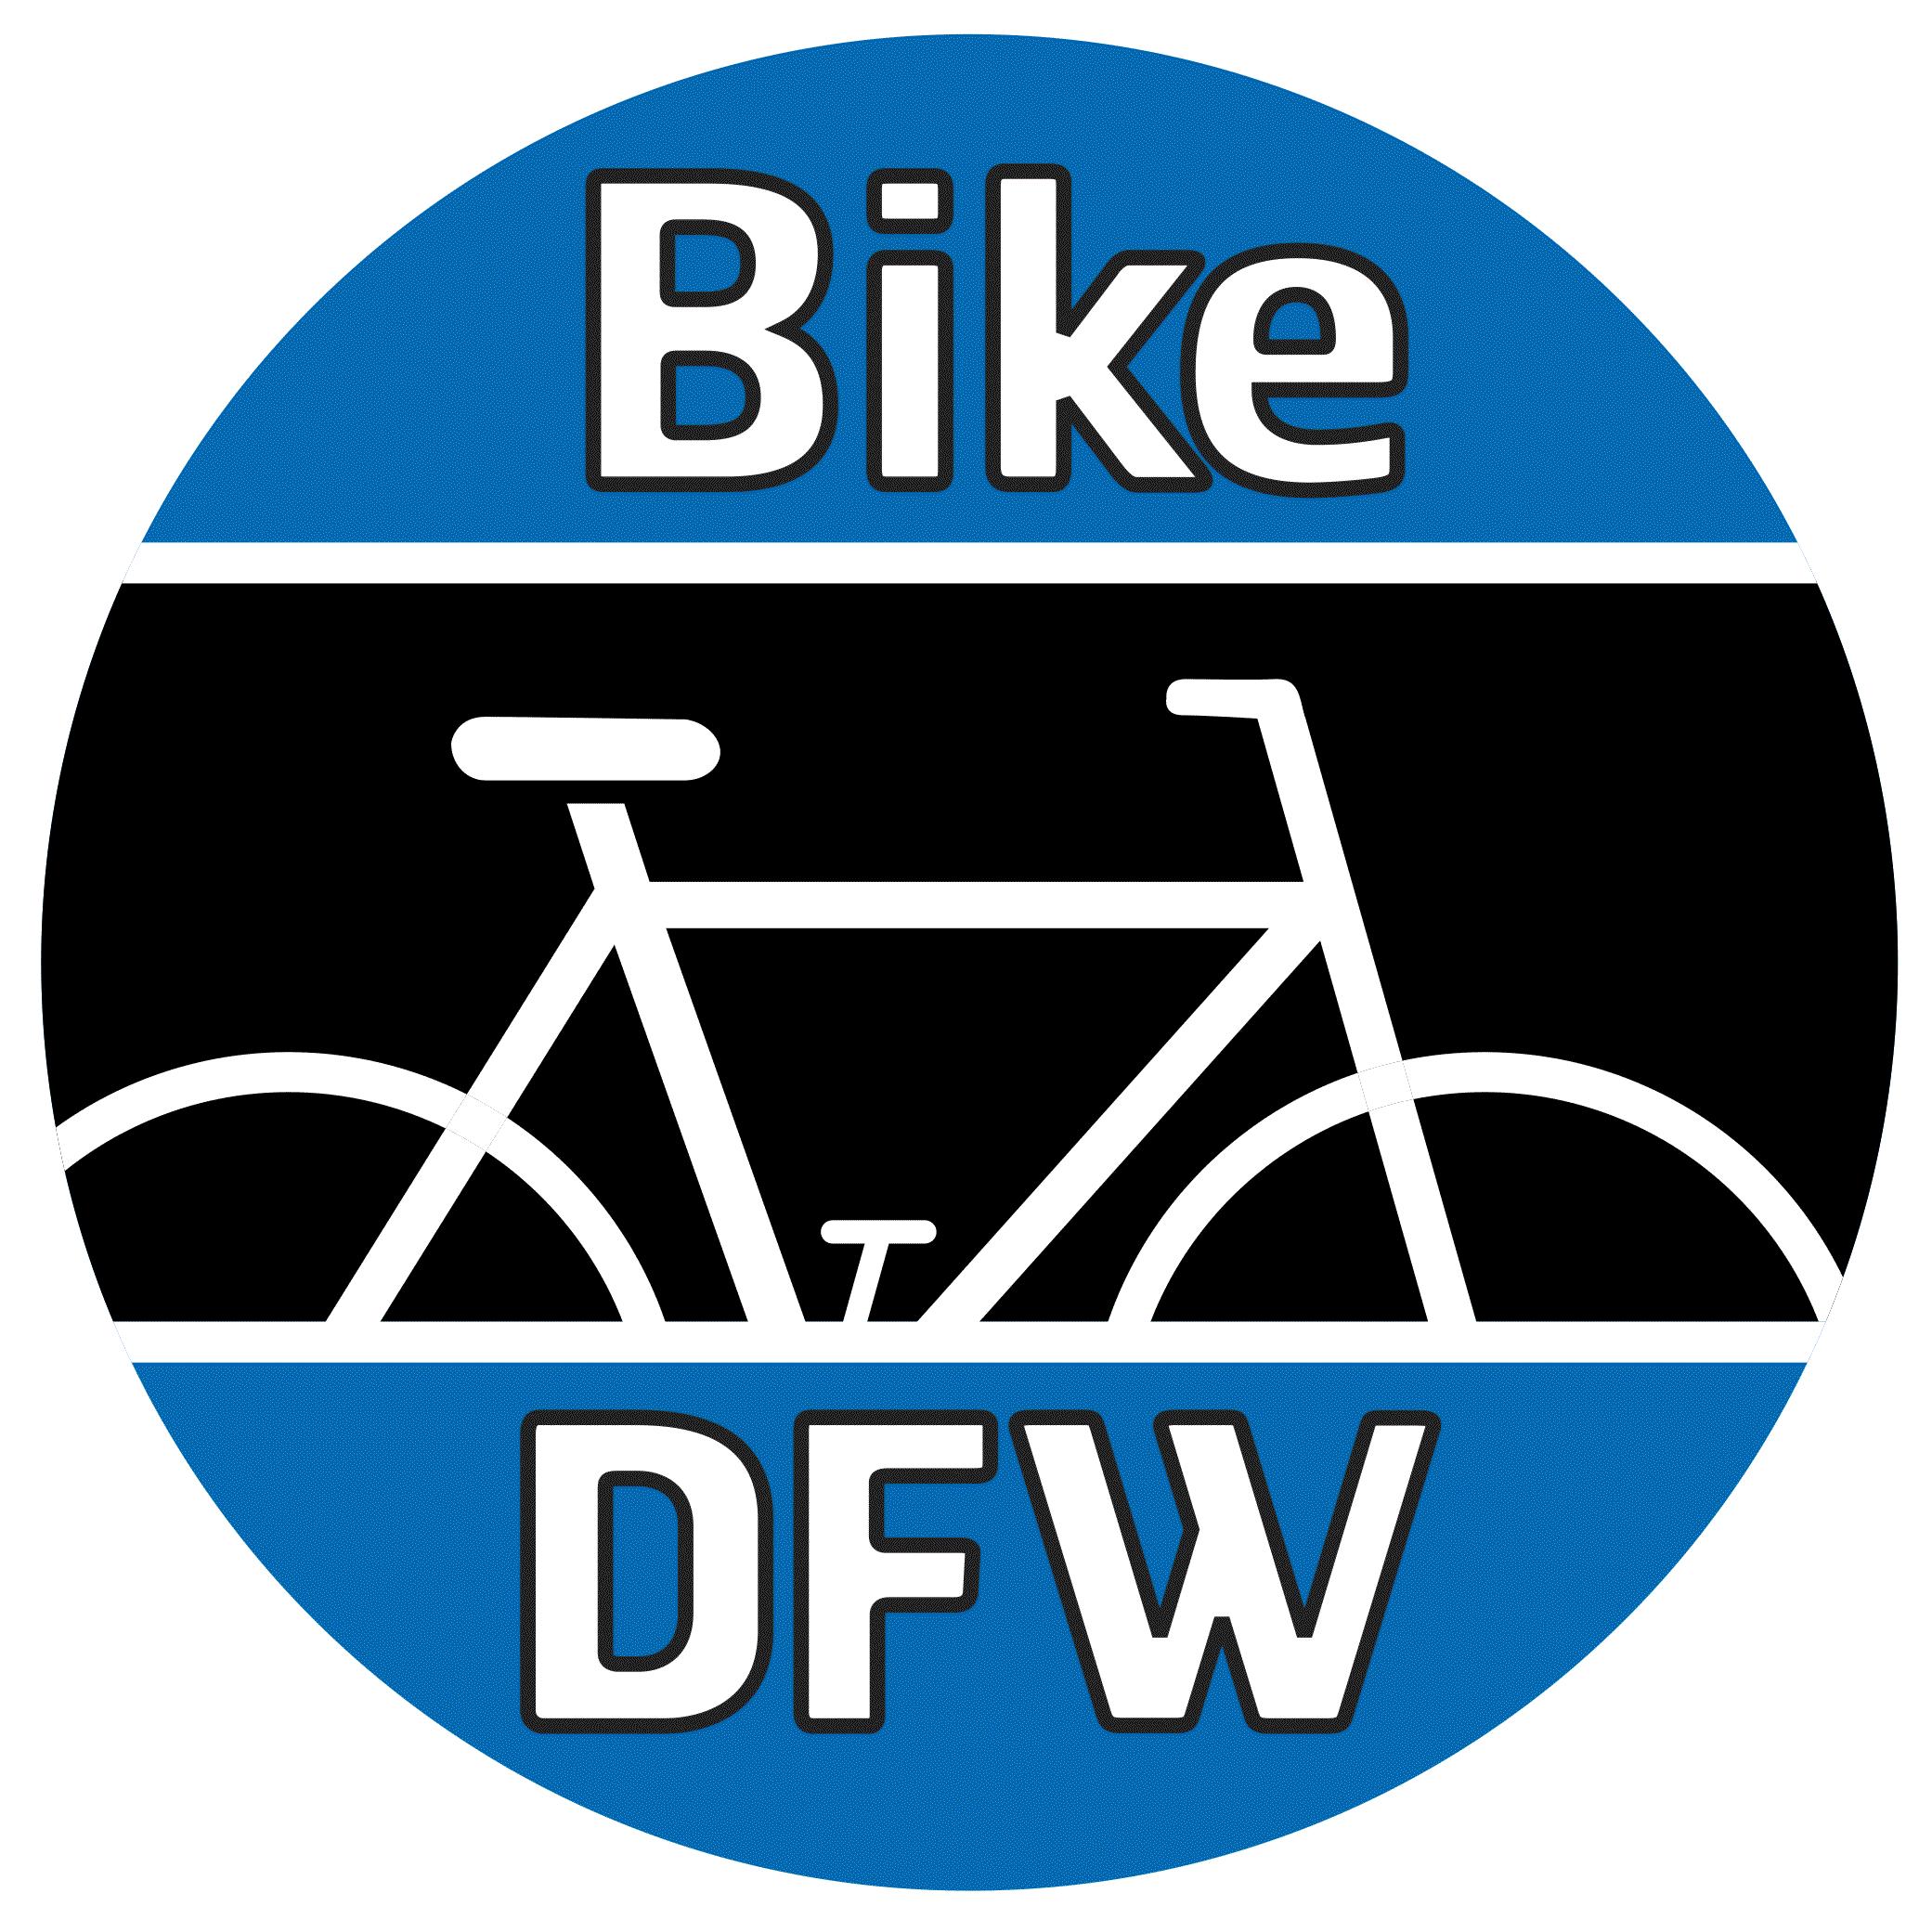 BikeDFW_logo_RGB.png